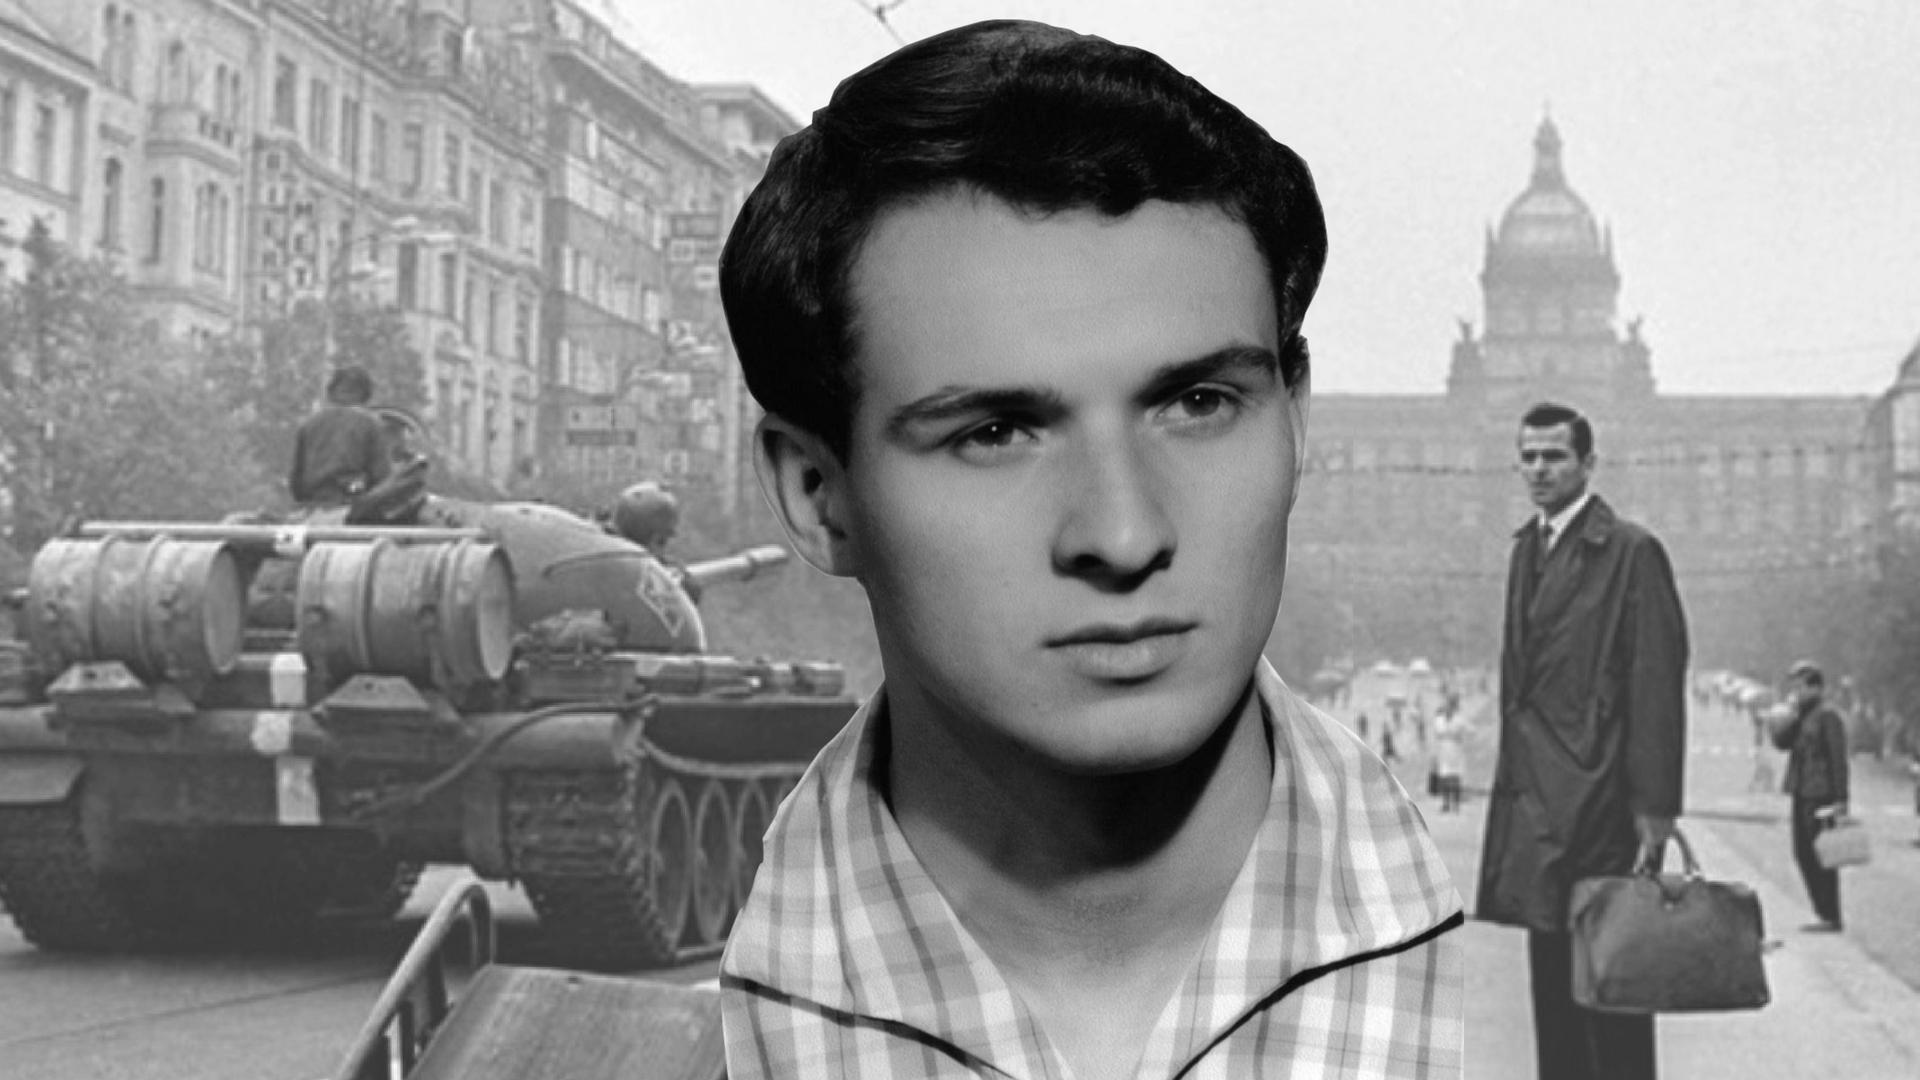 di Danilo Breschi Farsi torcia umana per scuotere le coscienze, per svegliare l'anelito di libertà sopito nei cuori impauriti del proprio popolo schiacciato dal potente invasore straniero. Era il 19 gennaio del 1969. Esattamente cinquant'anni fa. Moriva alle ore 15:30, dopo tre giorni di agonia. 73 ore, per la precisione. Il suo nome era Jan Palach. Studente di filosofia, era nato a Praga l'11 agosto del 1948, Aveva dunque vent'anni da poco compiuti, quando vide i carri armati del Patto di Varsavia,